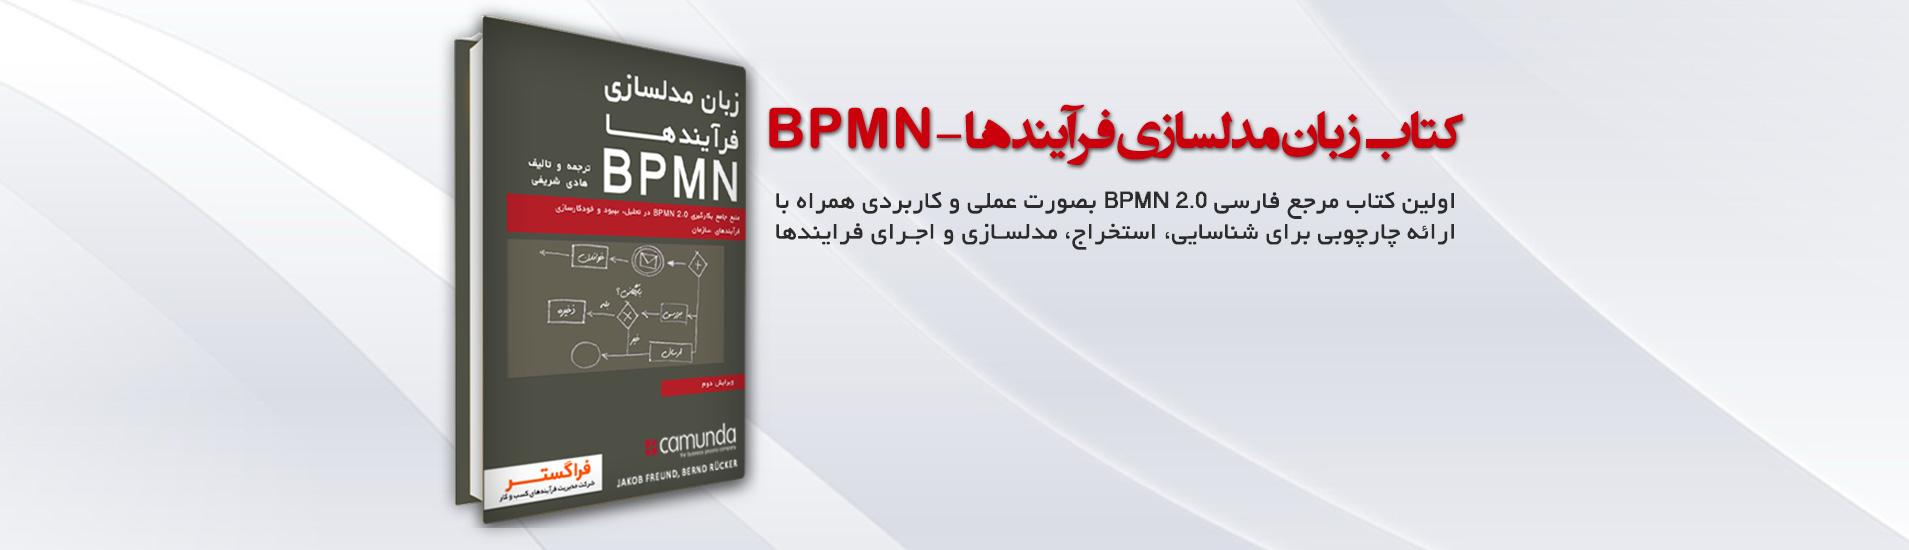 خرید کتاب bpmn